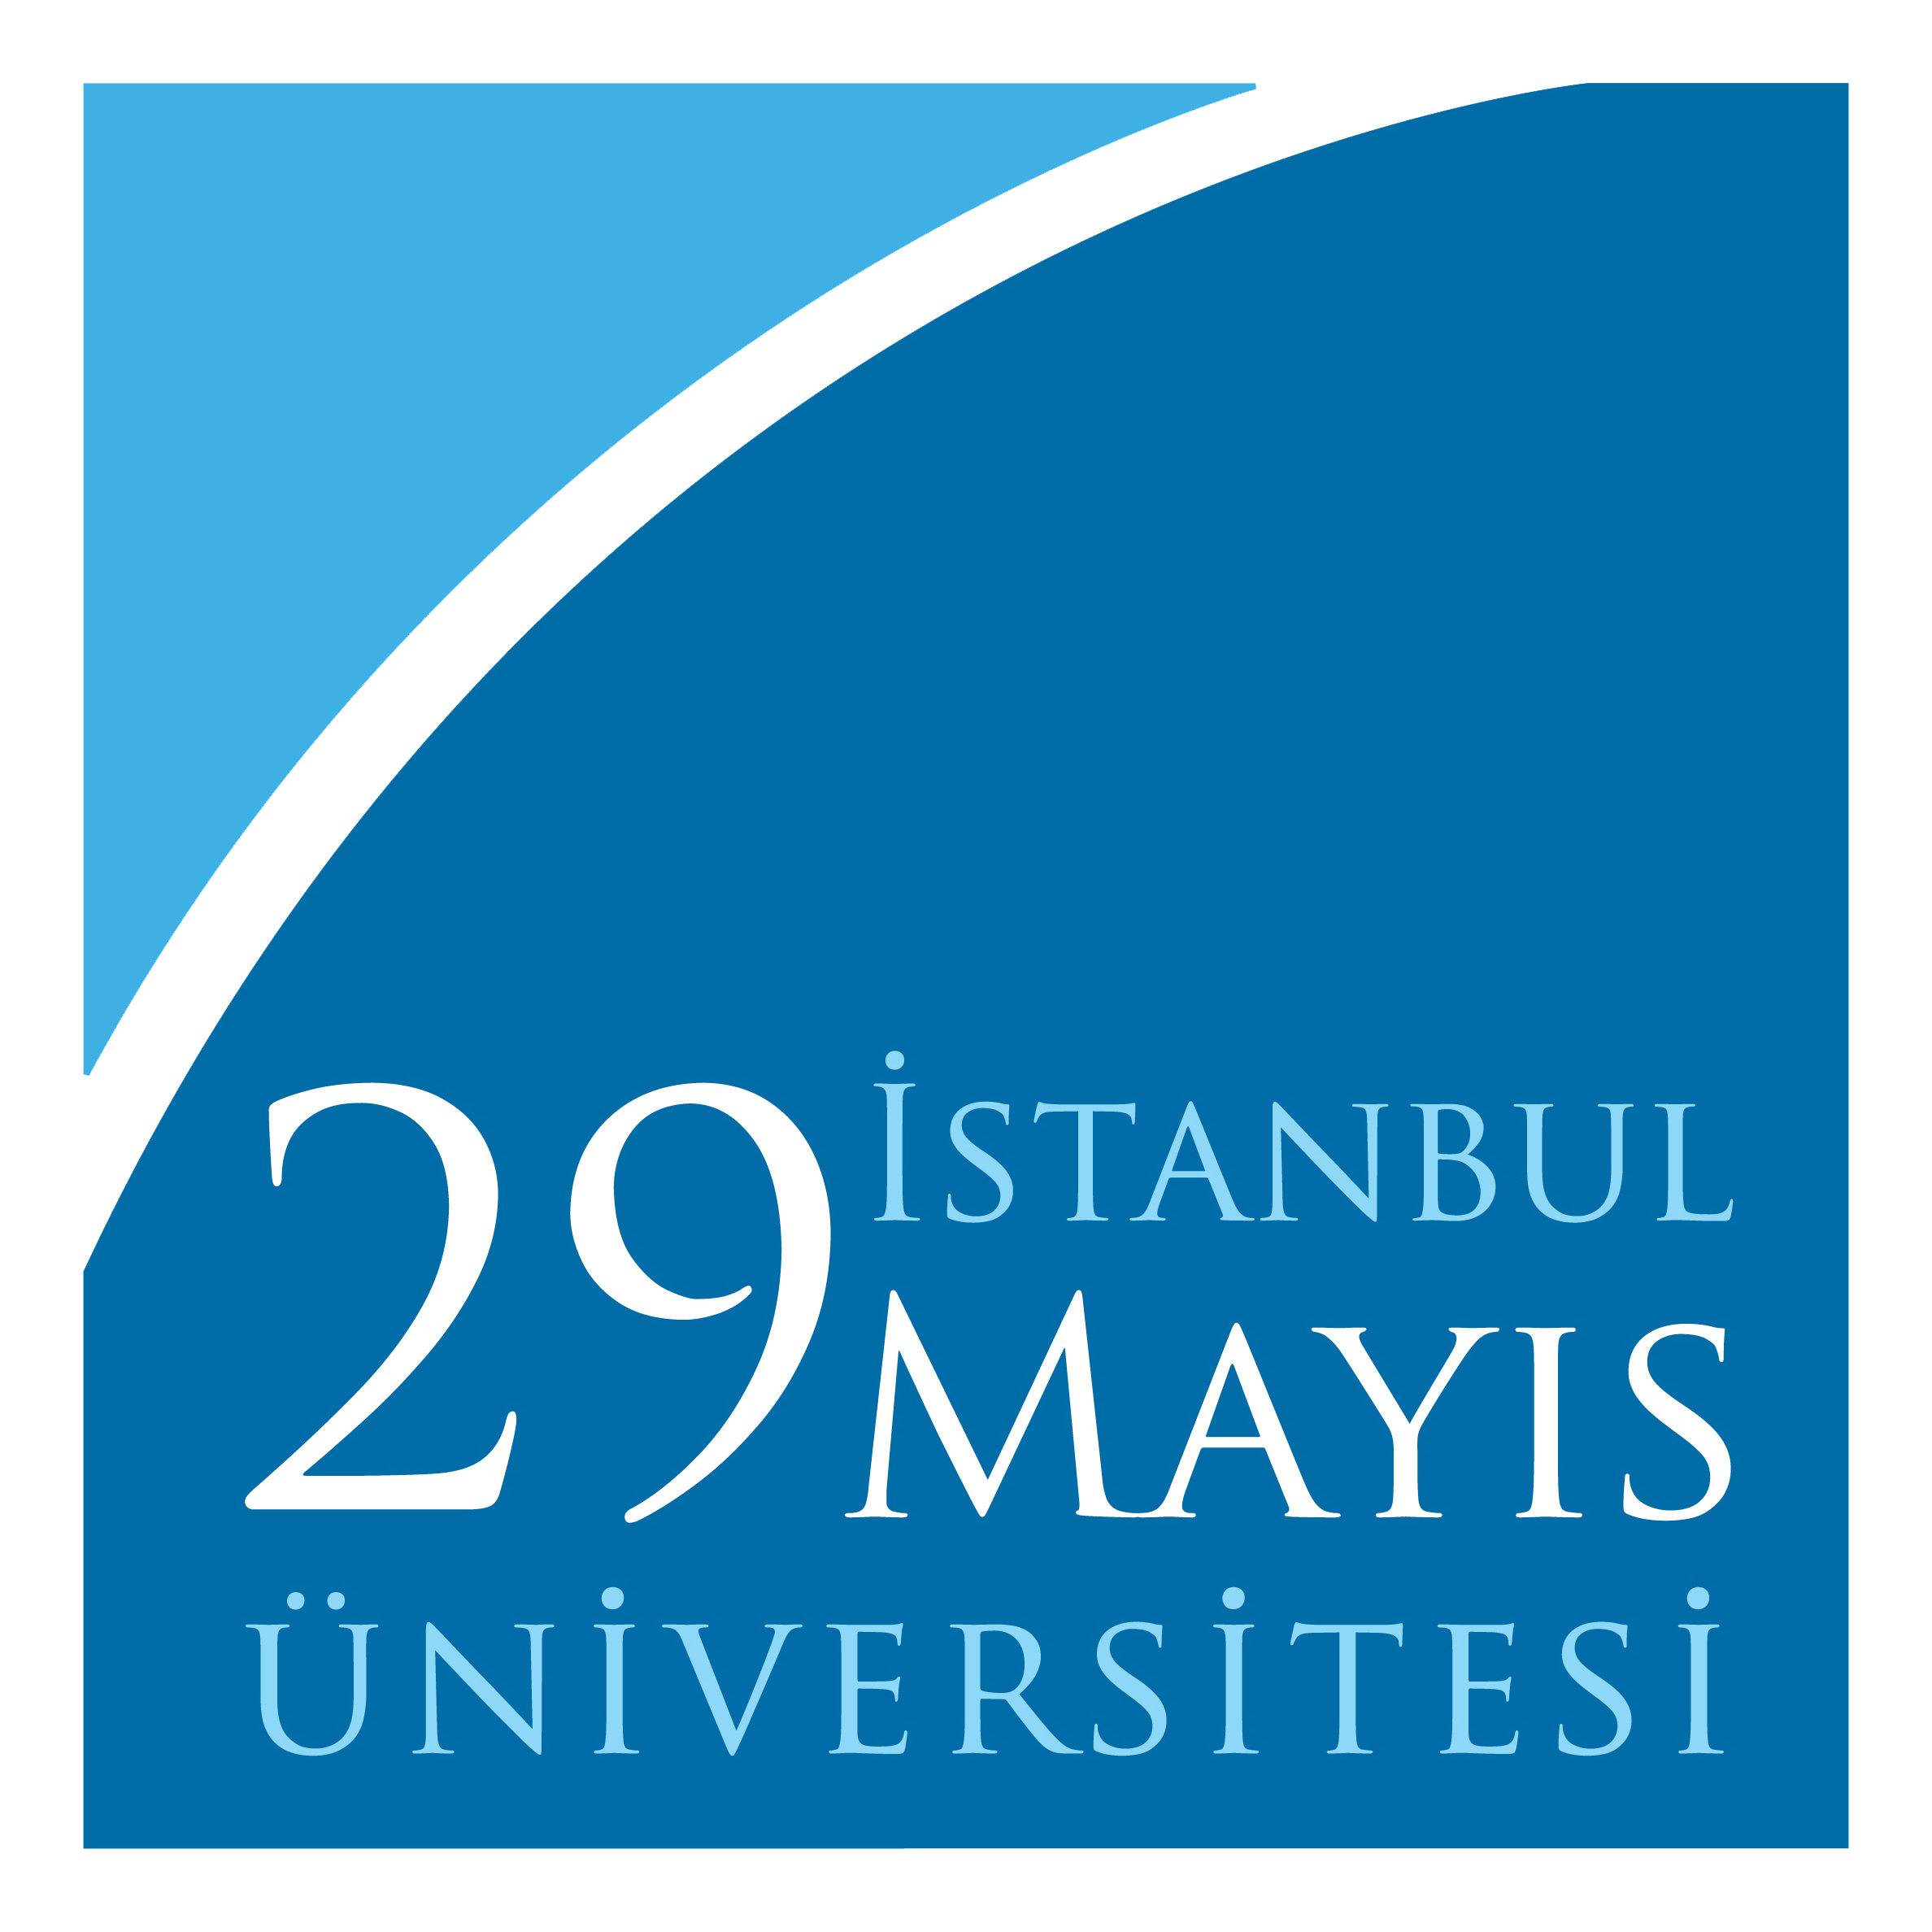 ISTANBUL 29 MAYIS UNIVERSITY